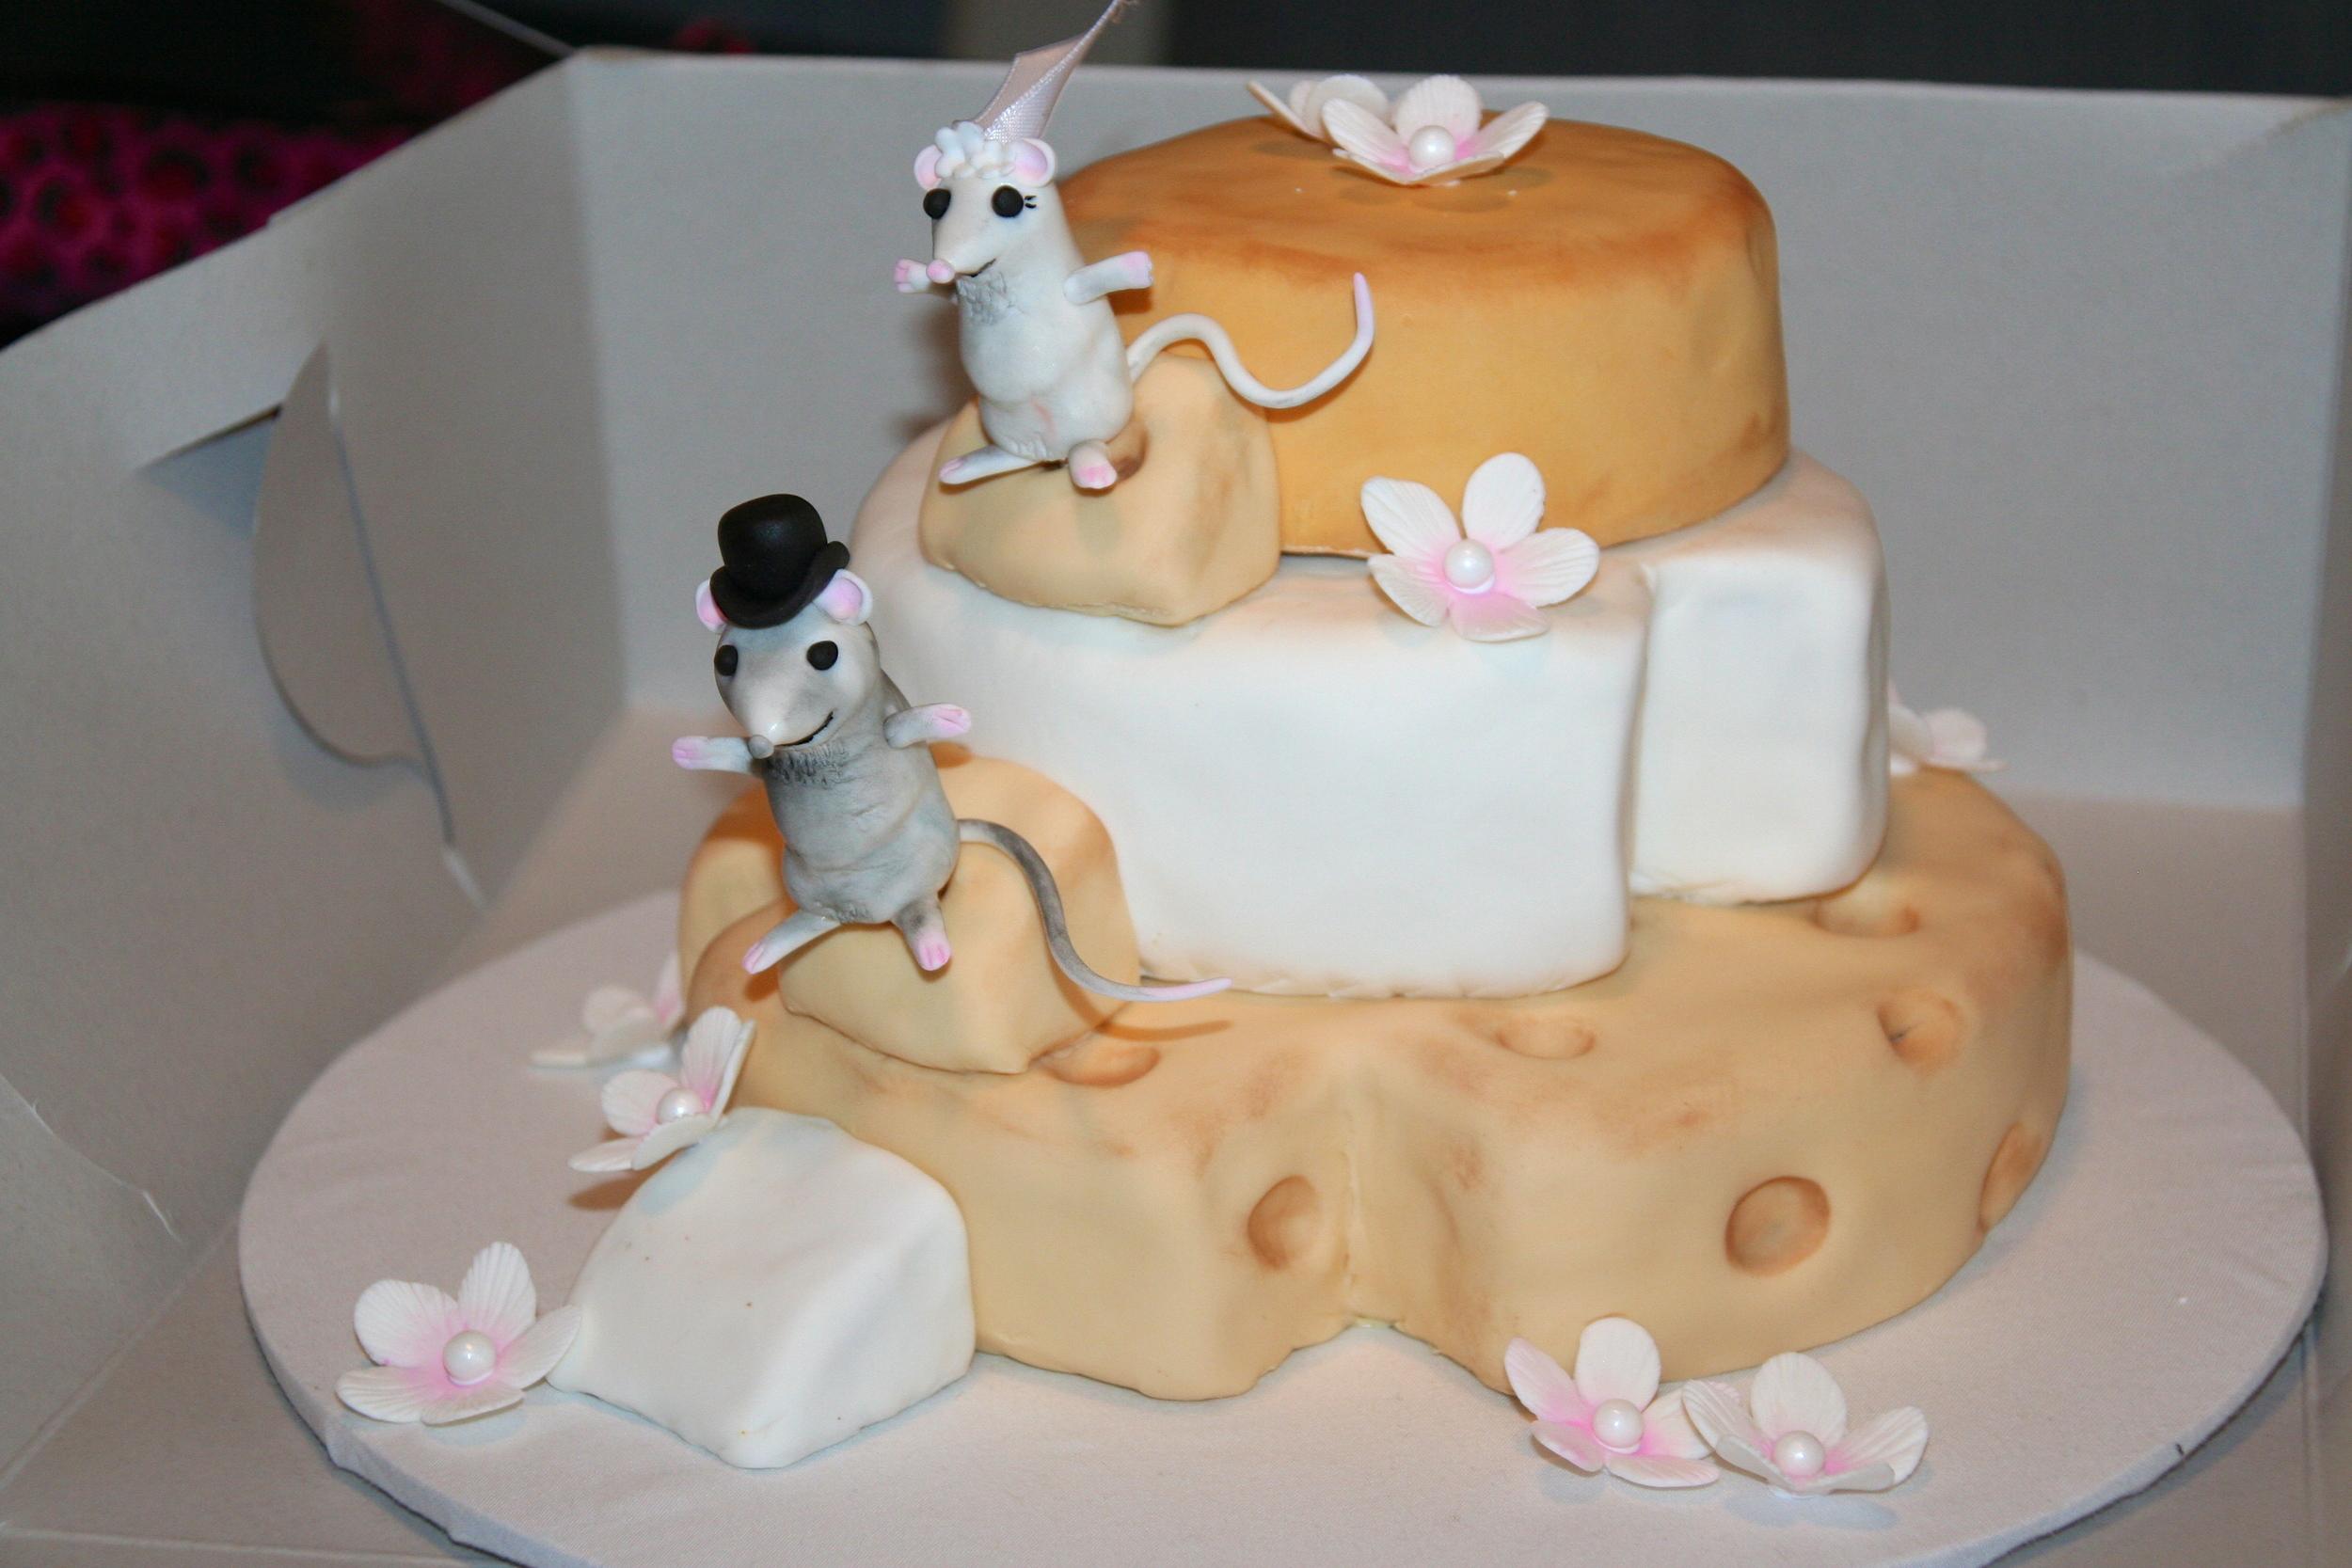 Cake courtesy of Joy & Cake